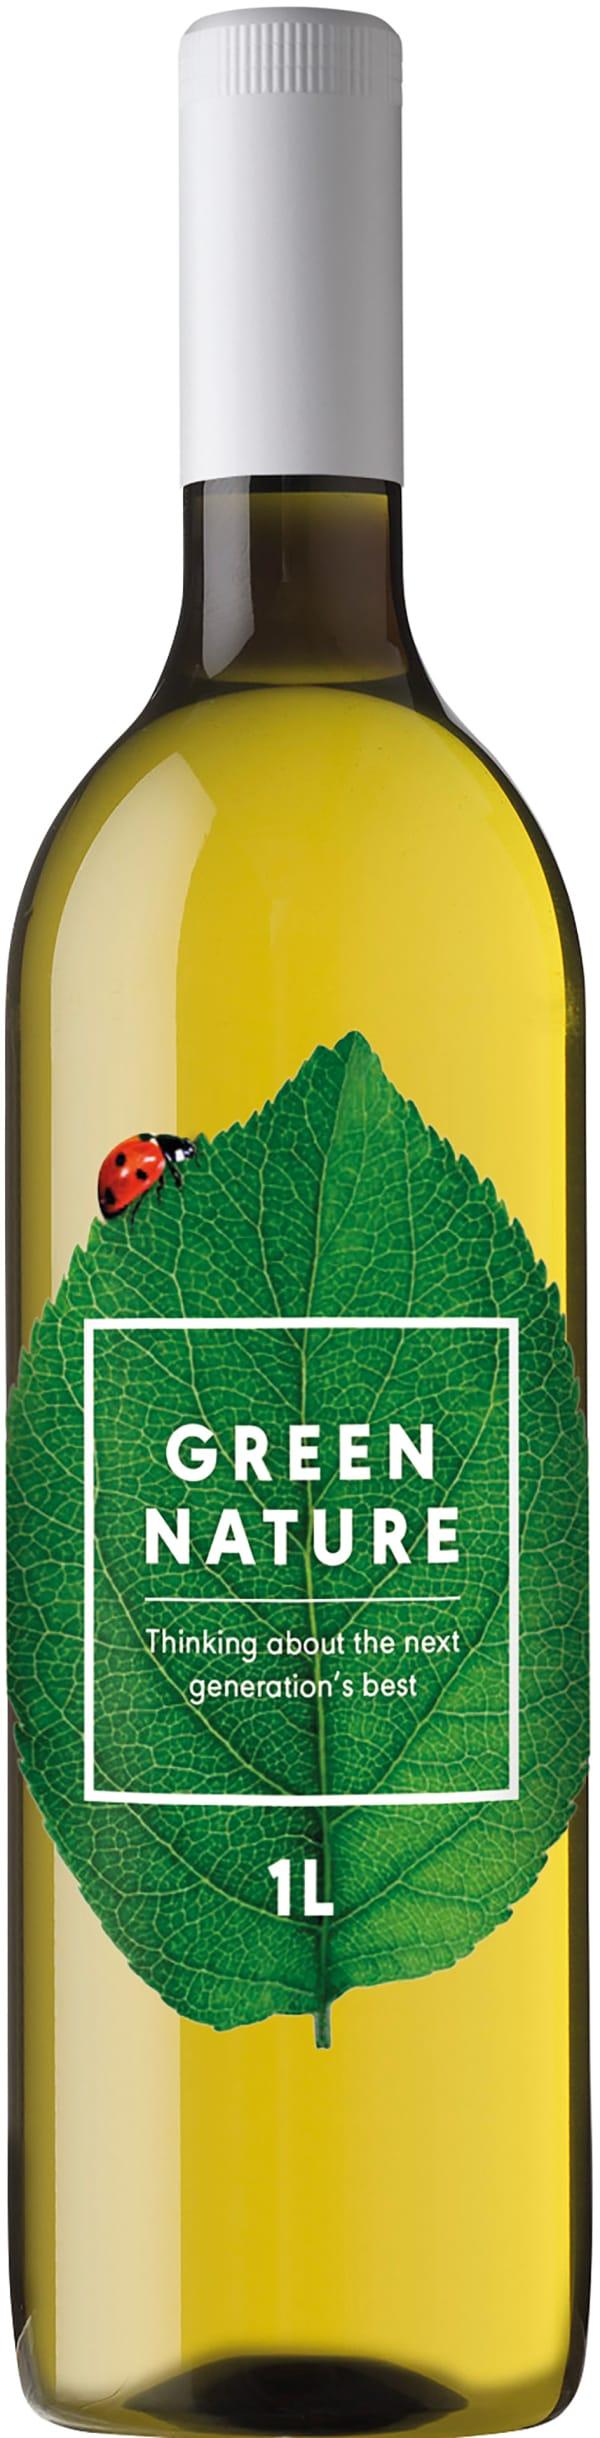 Green Nature 2014 plastic bottle